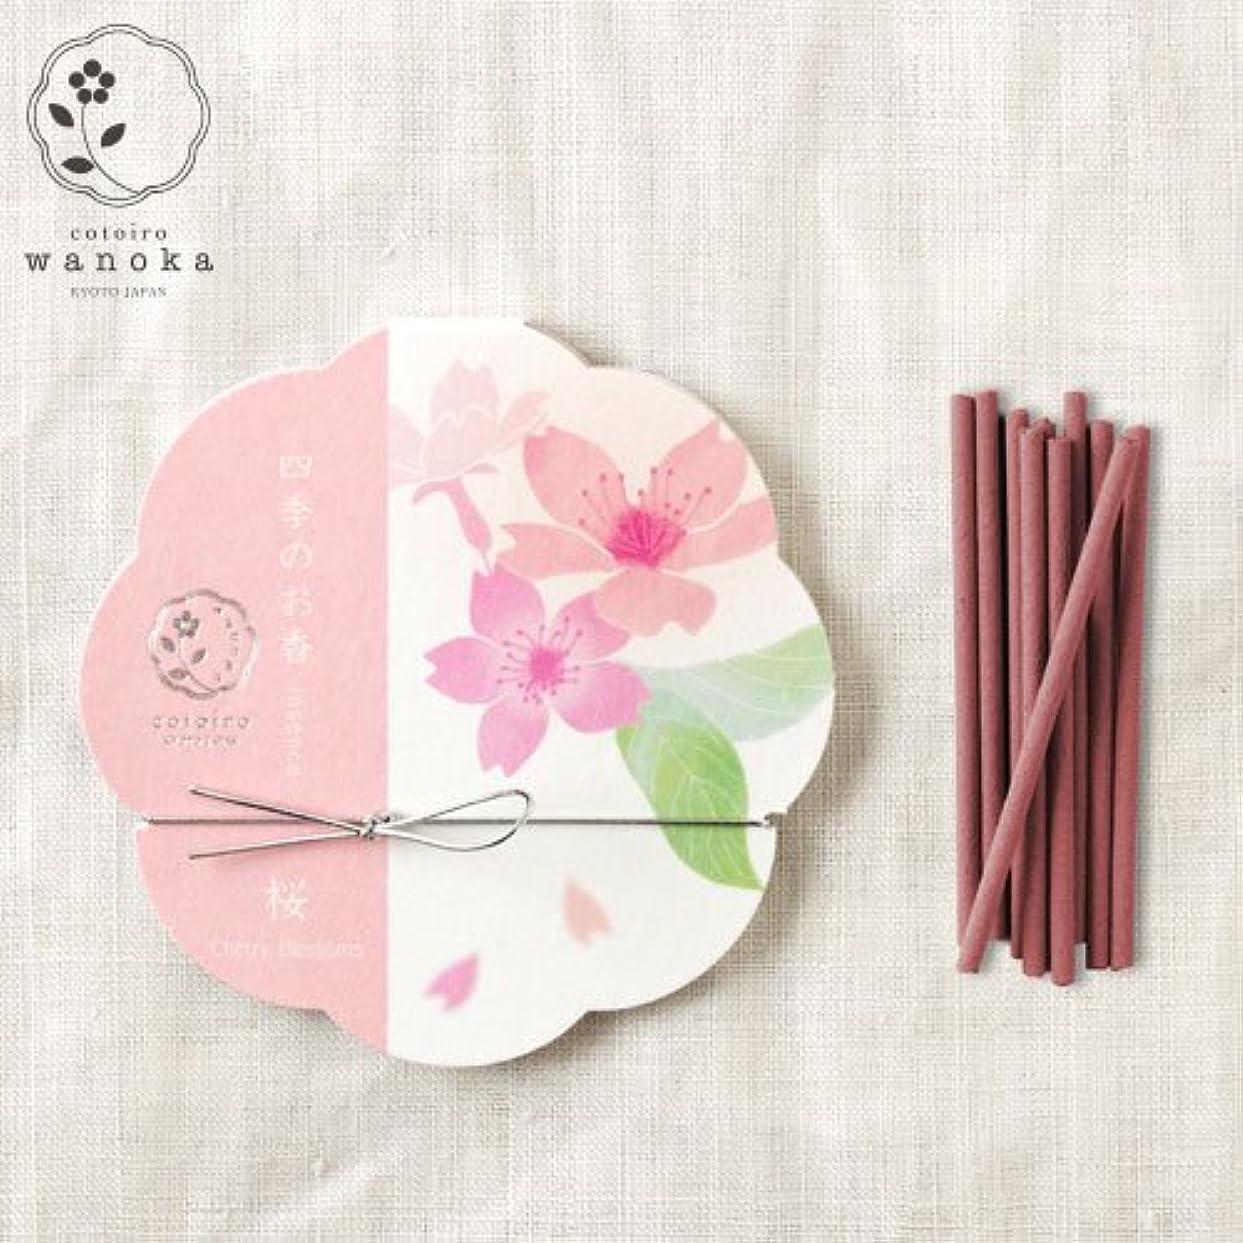 羽建設嵐のwanoka四季のお香(インセンス)桜《桜をイメージした甘い香り》ART LABIncense stick